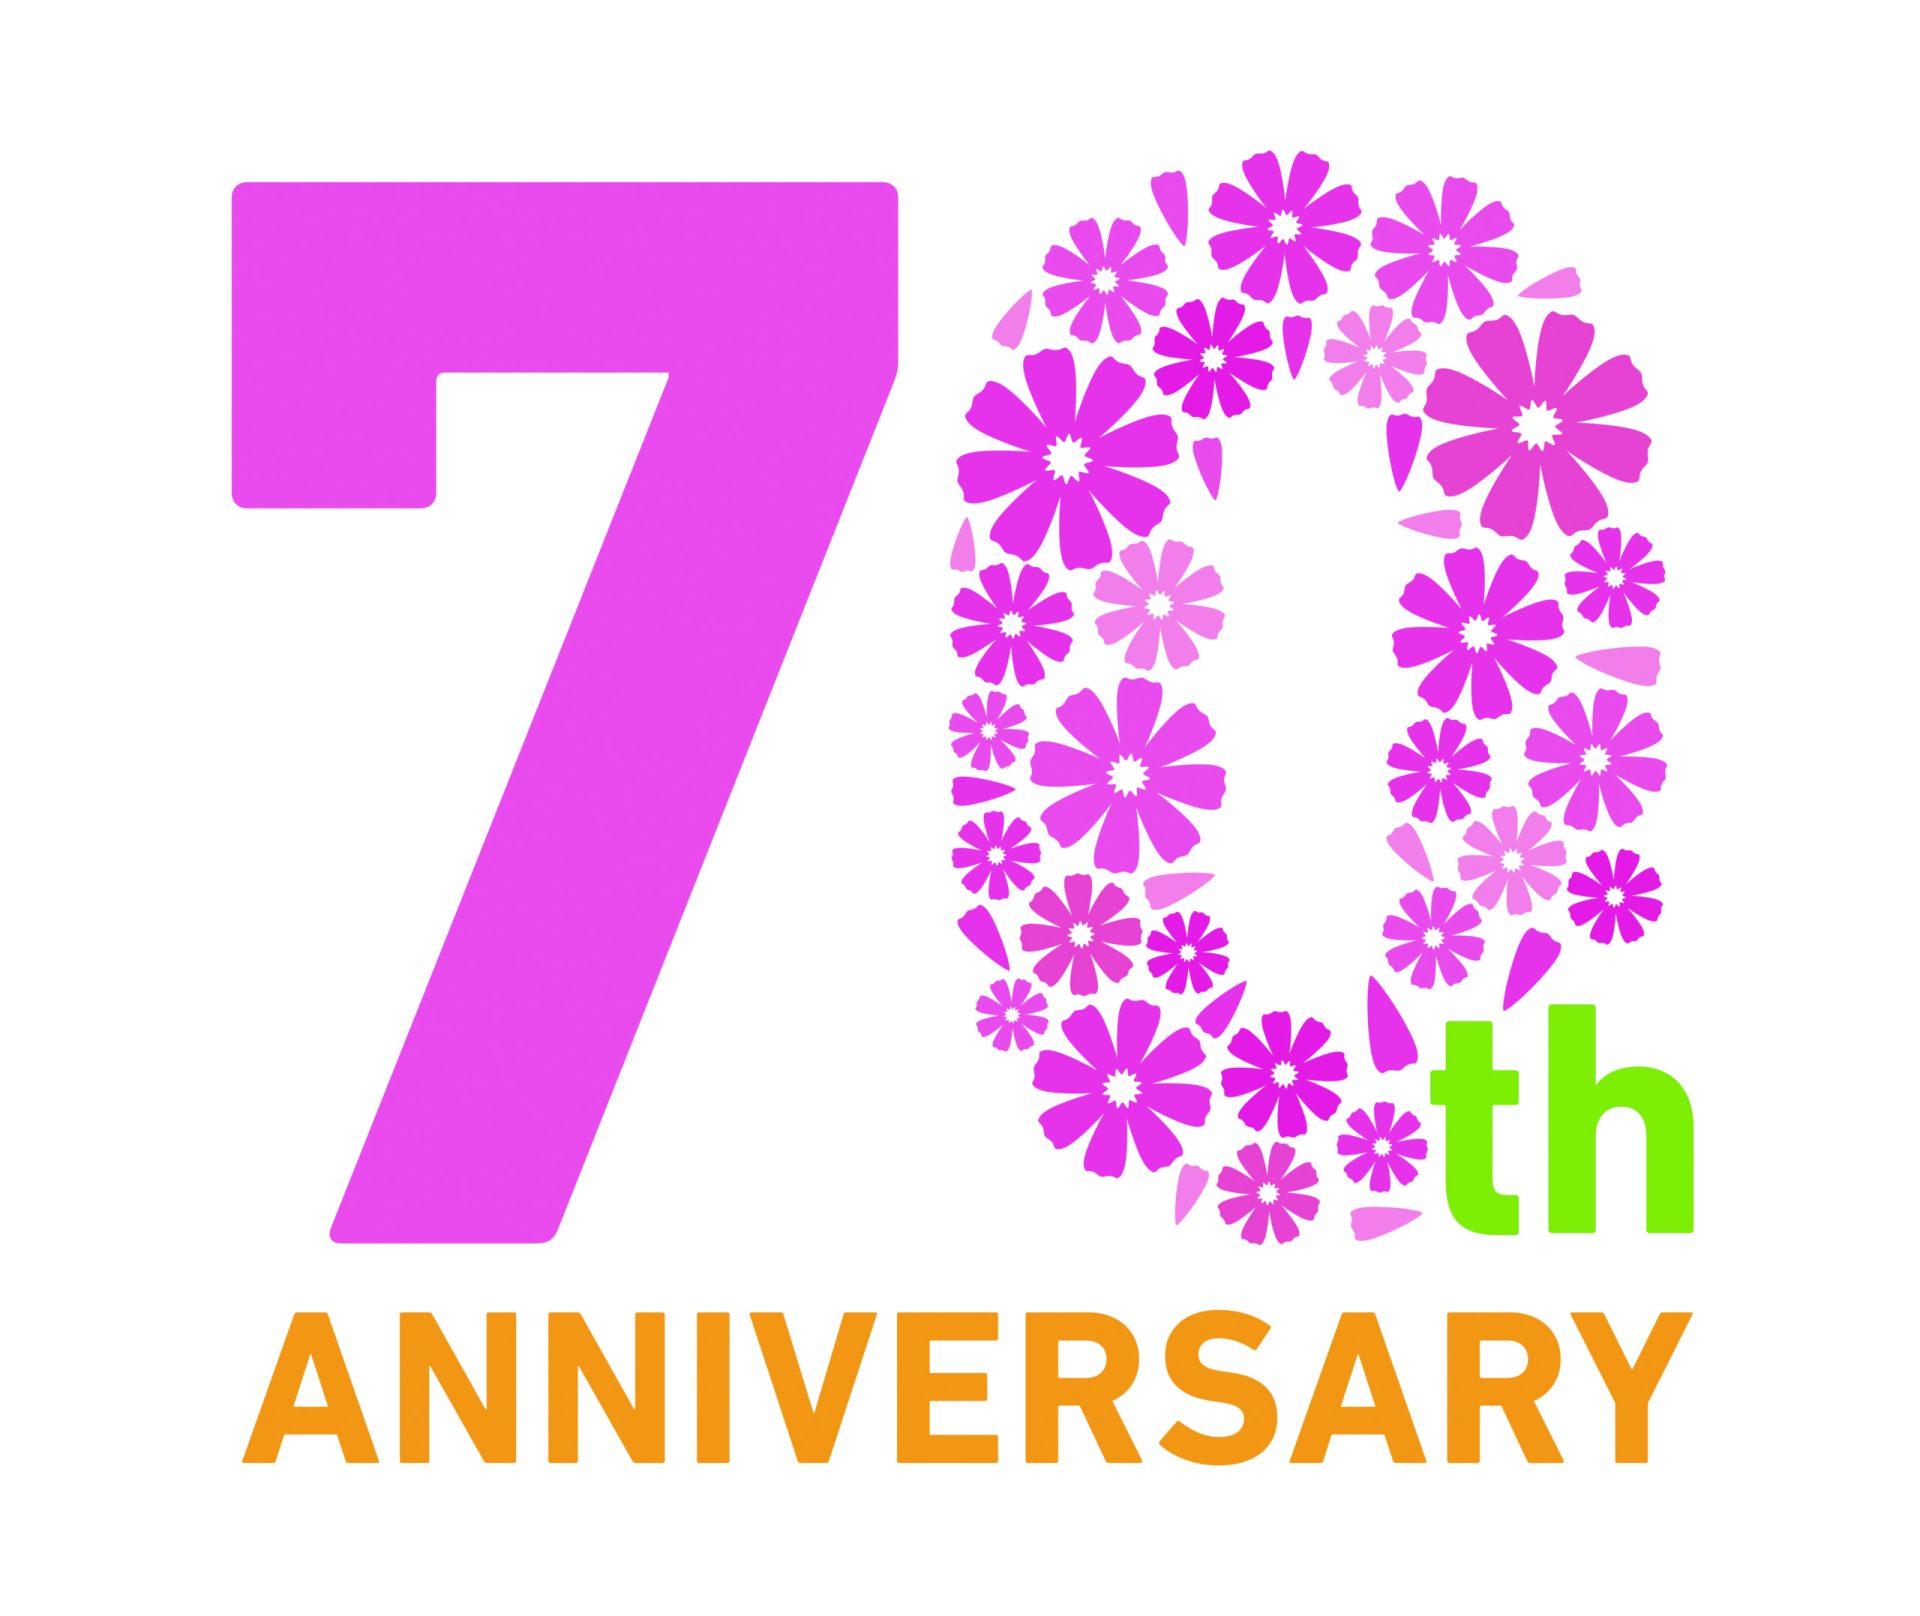 行政書士制度70周年記念ロゴ